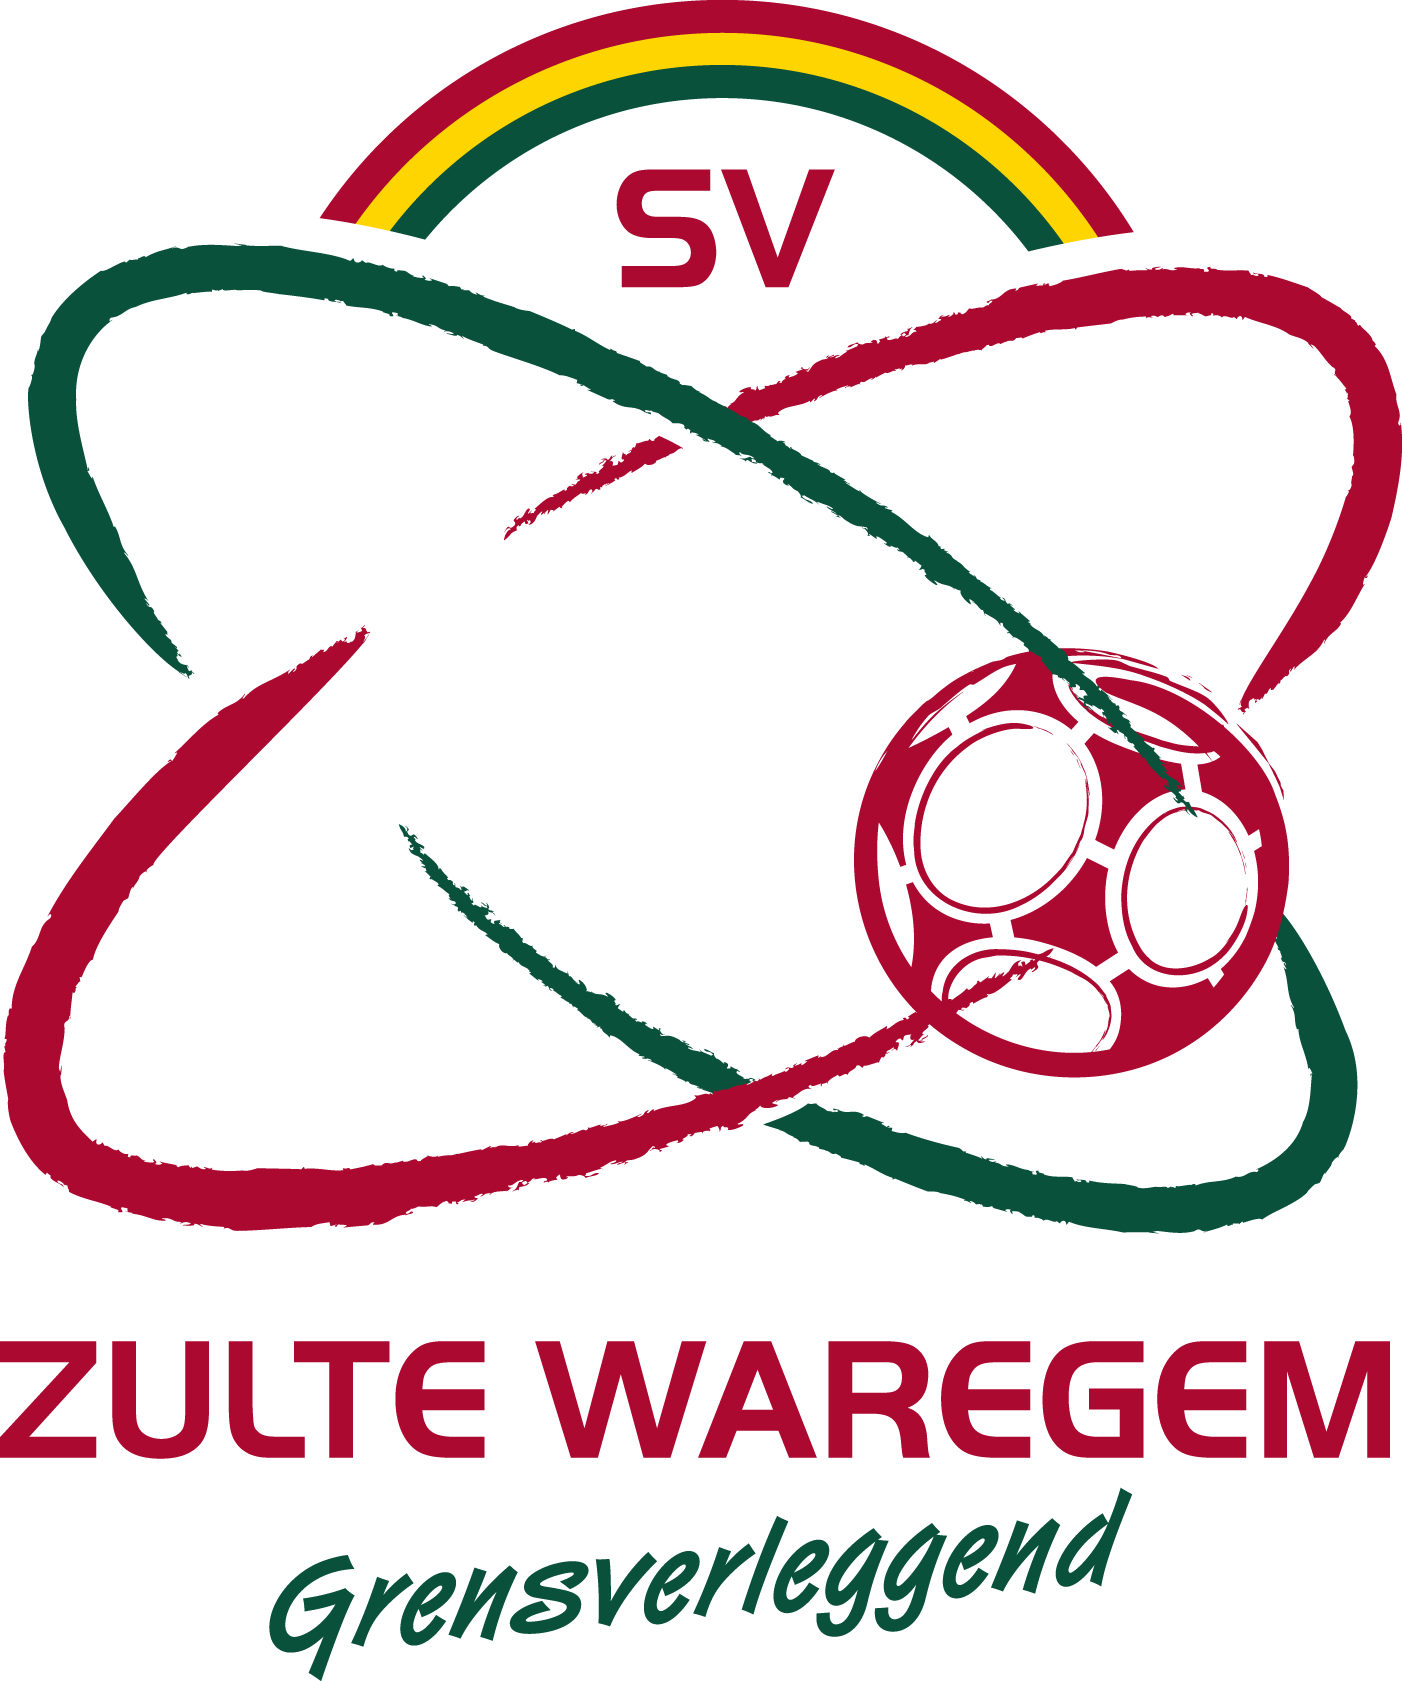 Zulte-Waregem.png